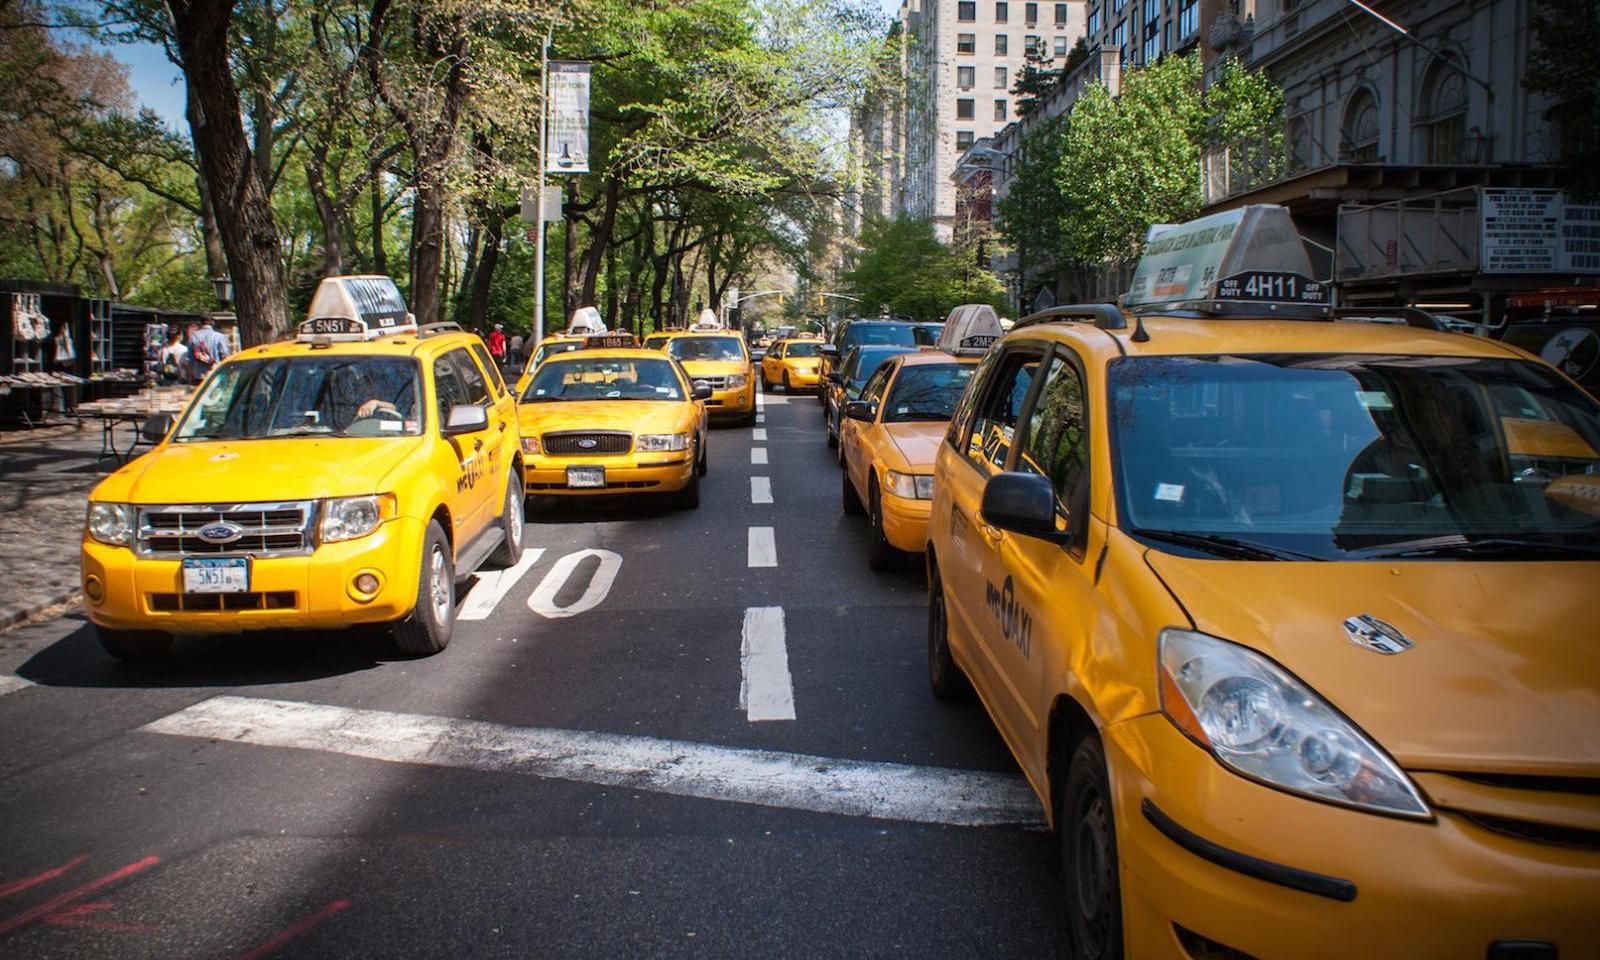 Taxifahren in New York: mehrere Taxis im Stau